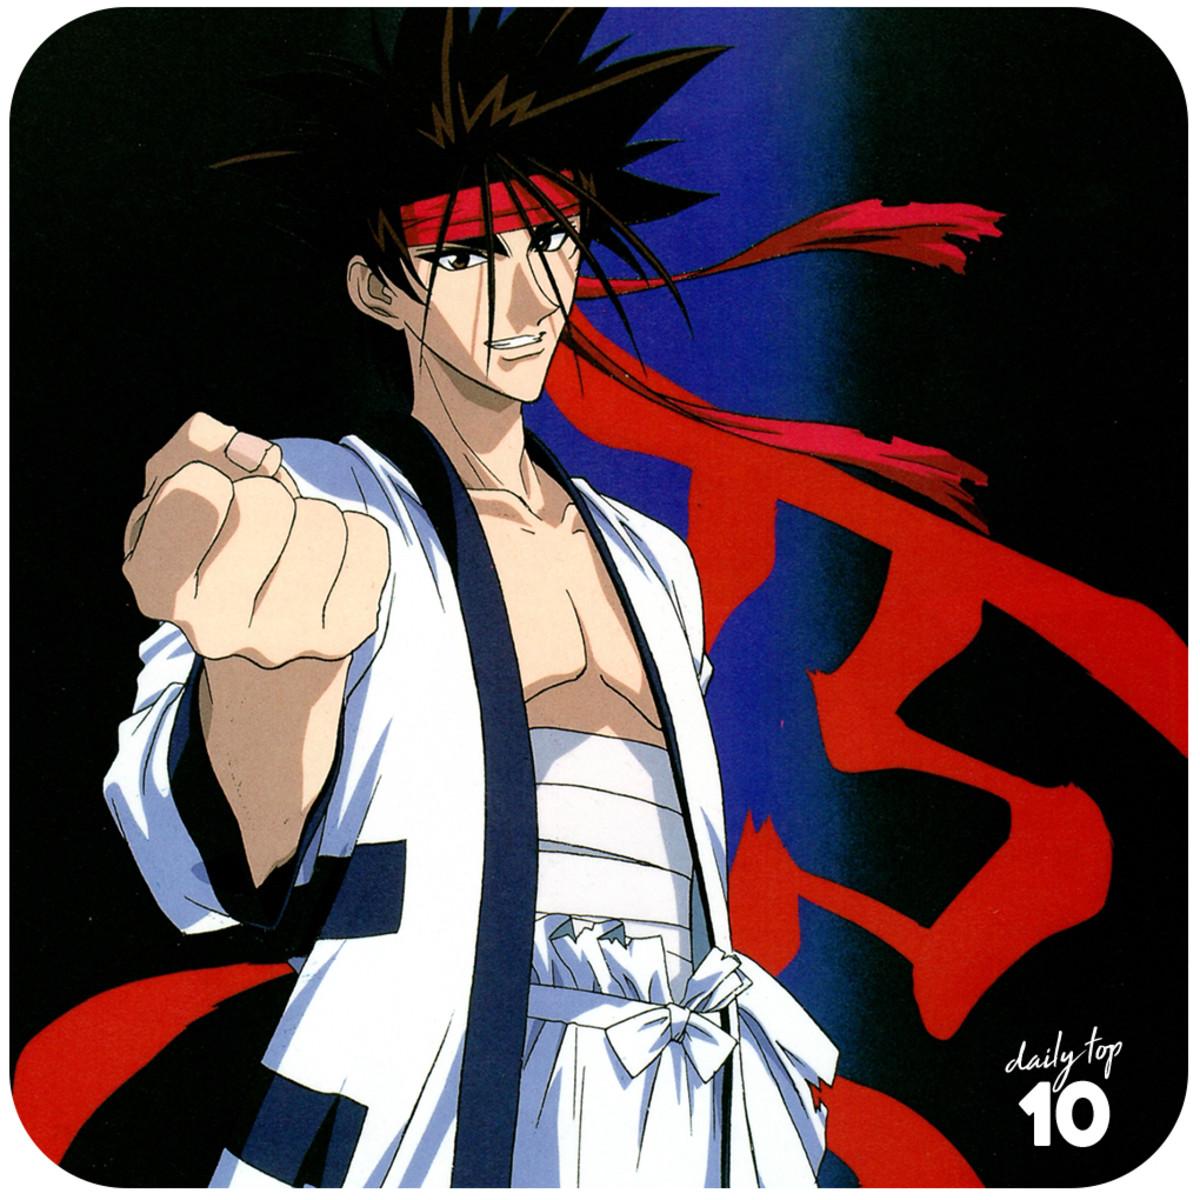 Sanosuke Sagara making a fist